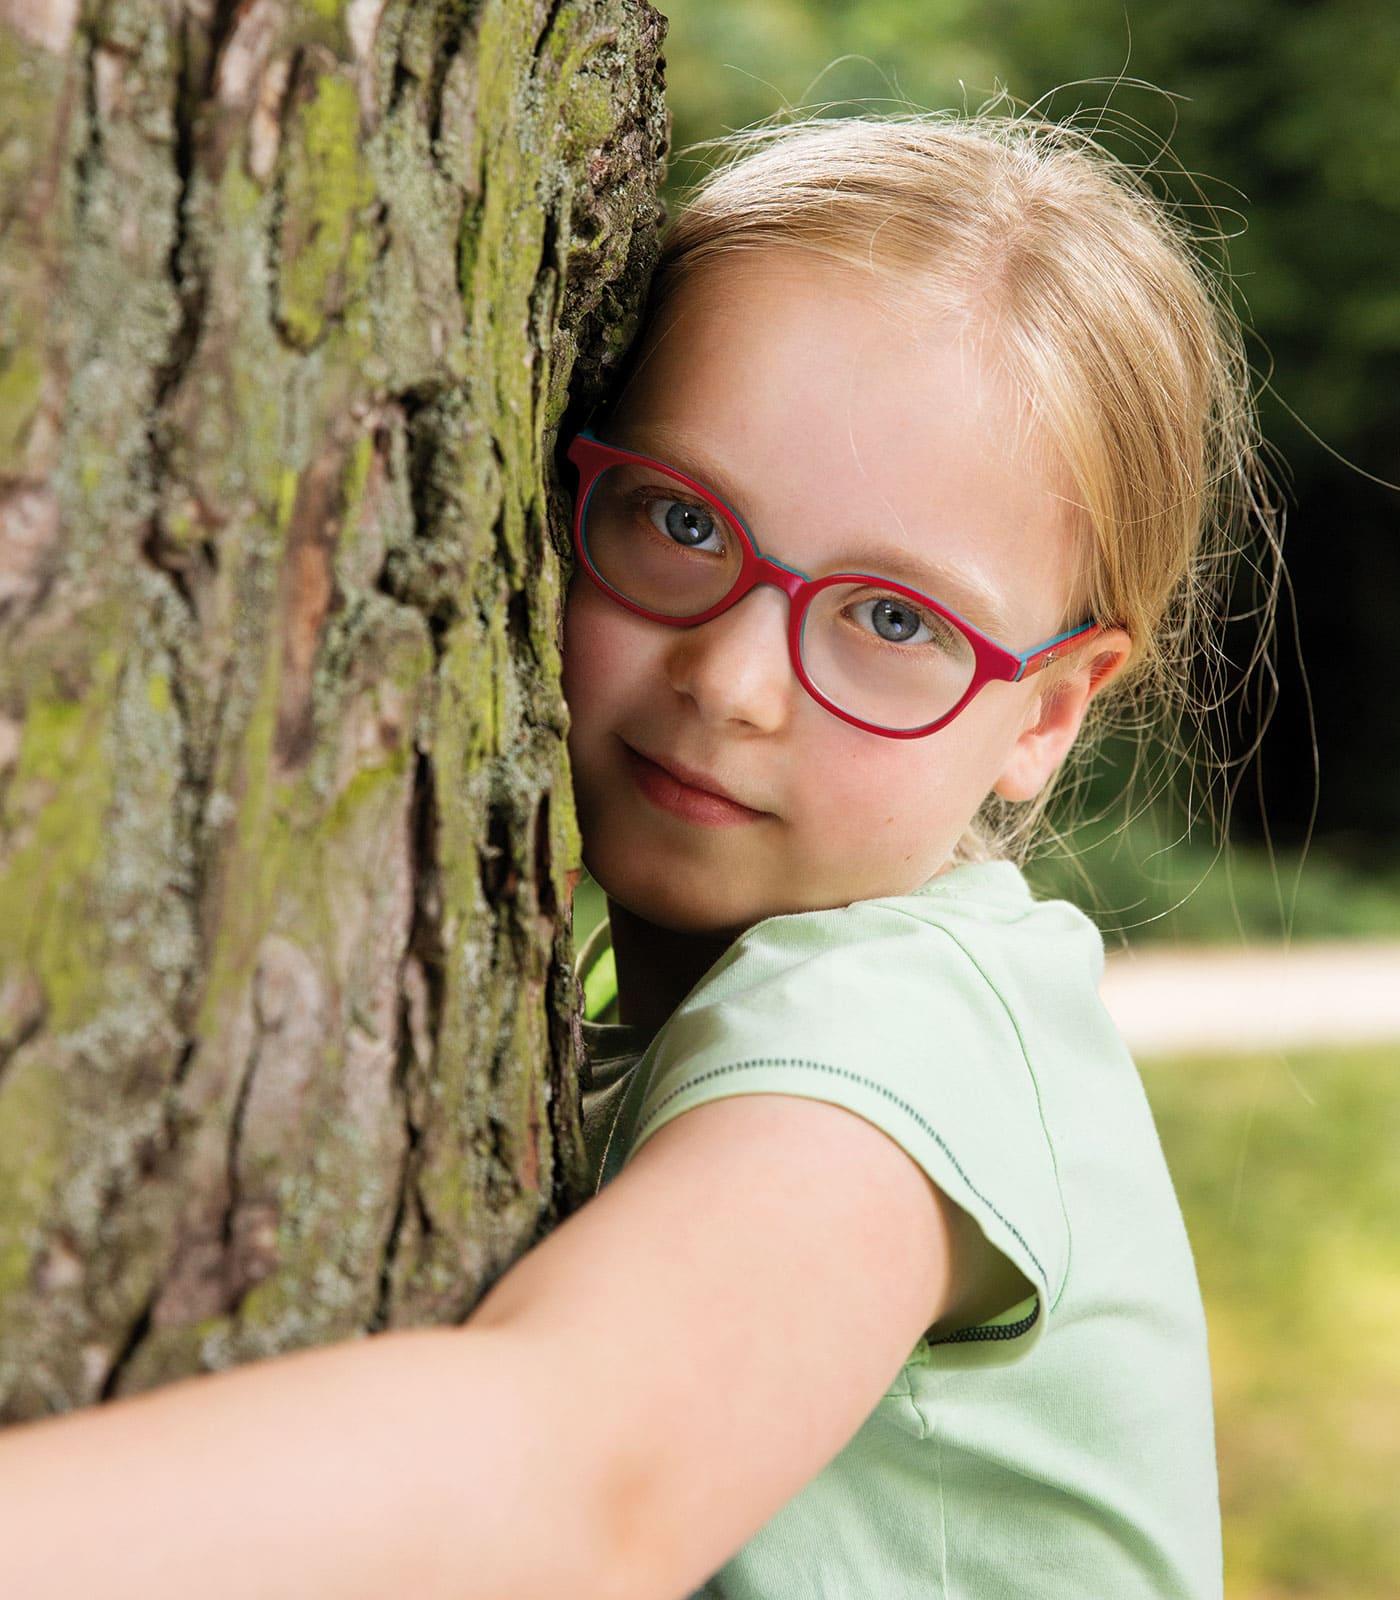 Kinder engagieren sich für Umweltschutz: Edna // HIMBEER